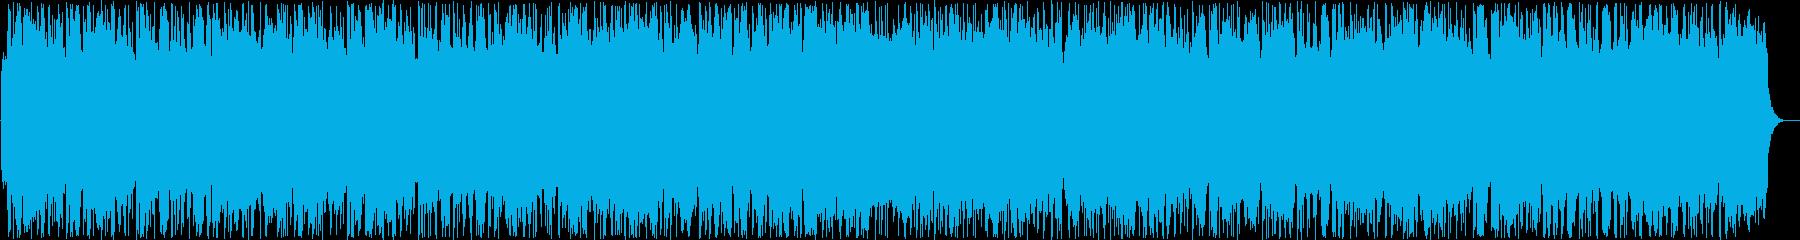 はずむようなシンセ打楽器などのサウンドの再生済みの波形